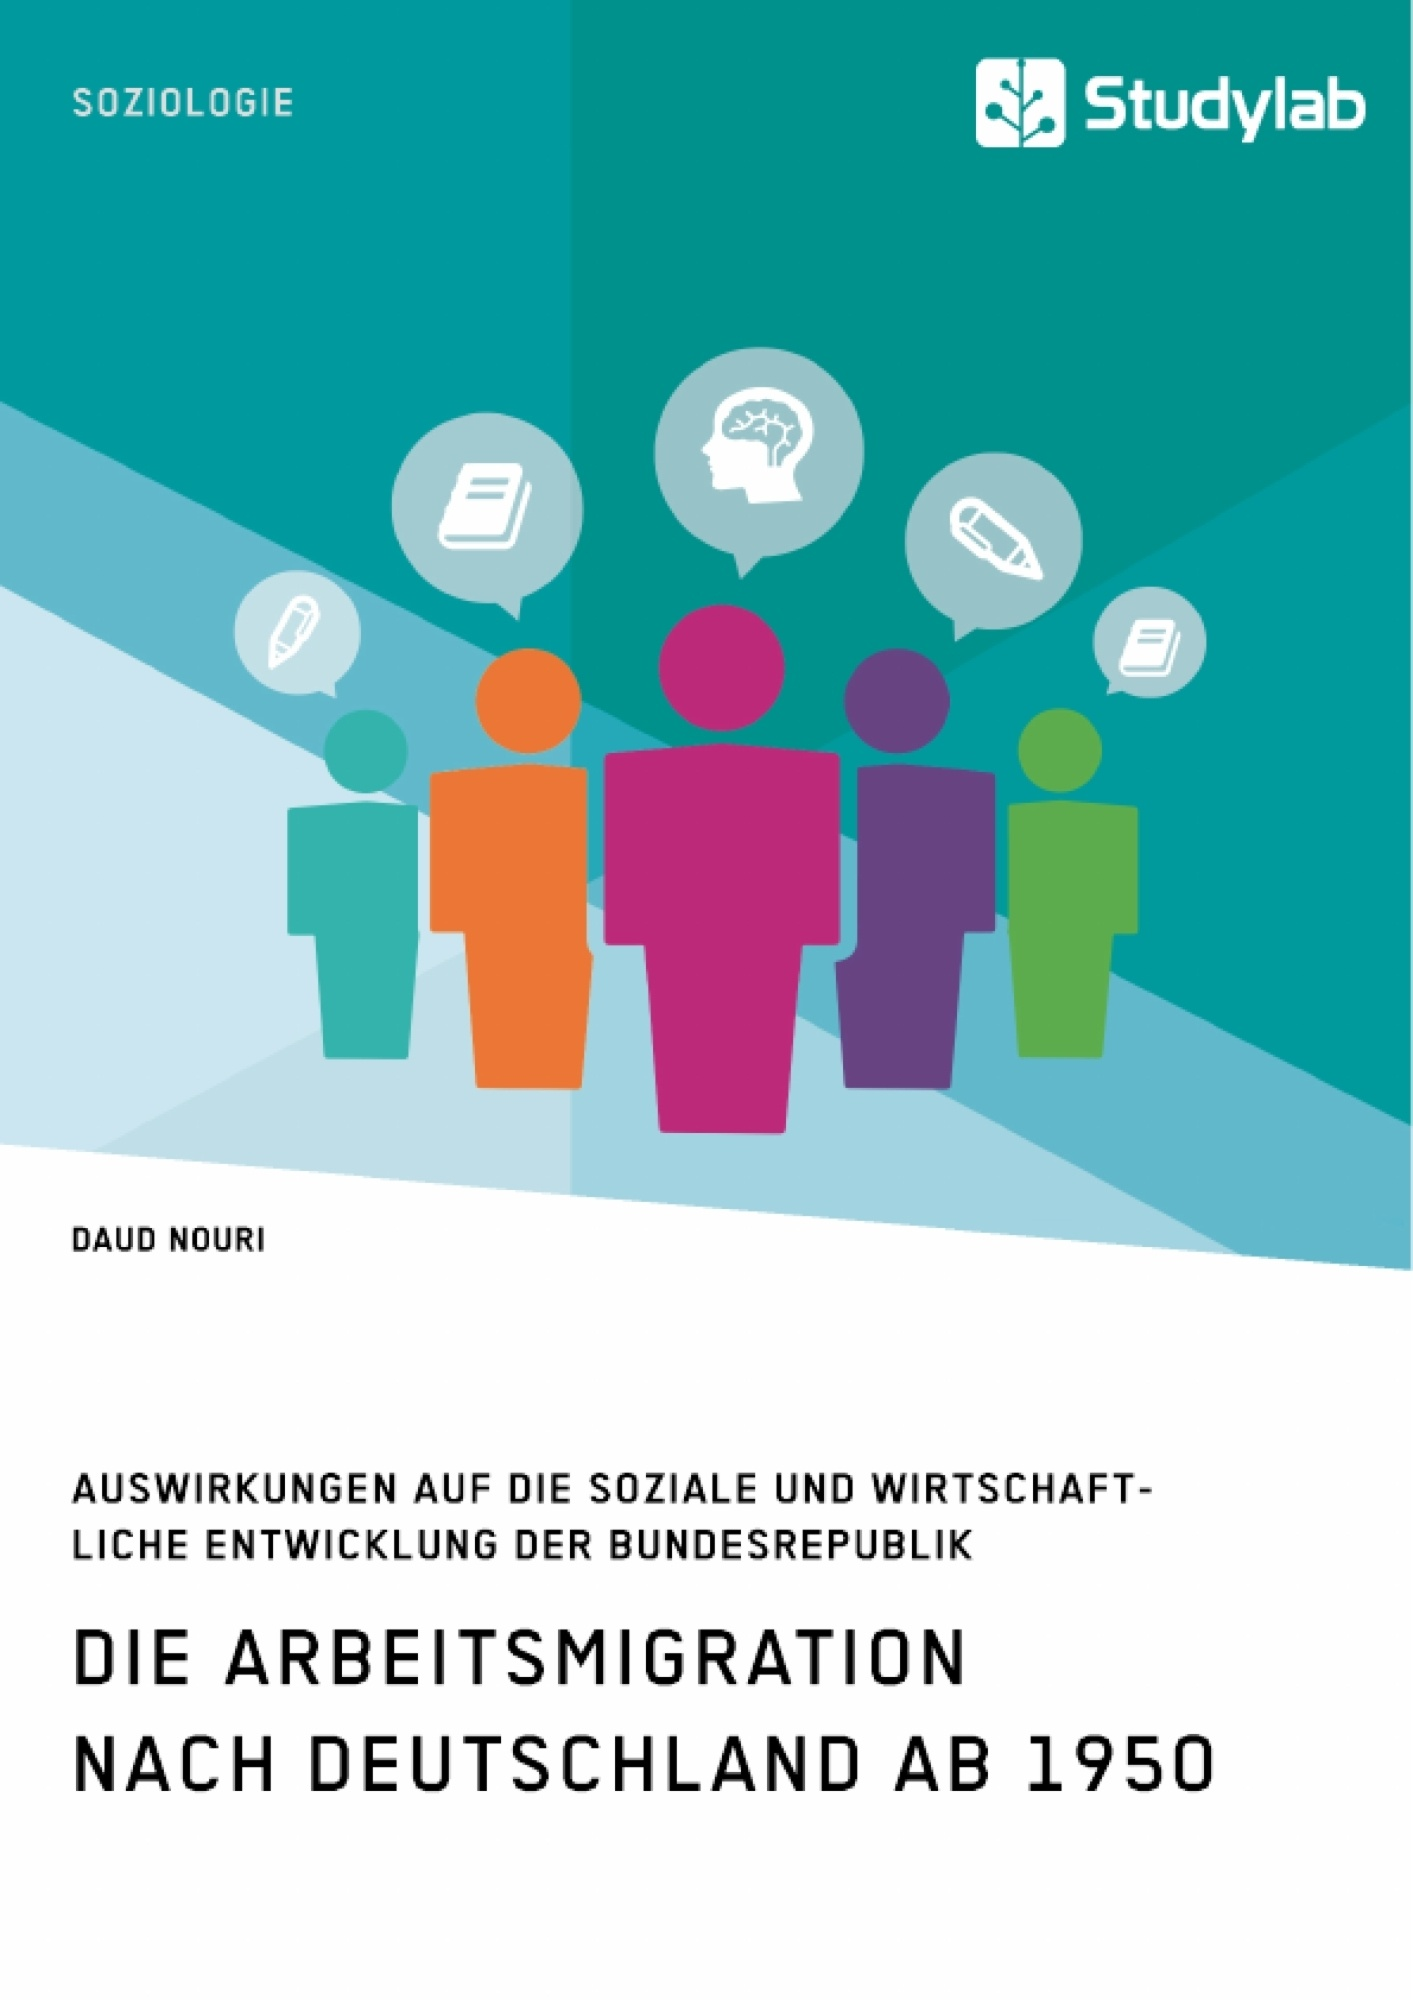 Titel: Die Arbeitsmigration nach Deutschland ab 1950. Auswirkungen auf die soziale und wirtschaftliche Entwicklung der Bundesrepublik